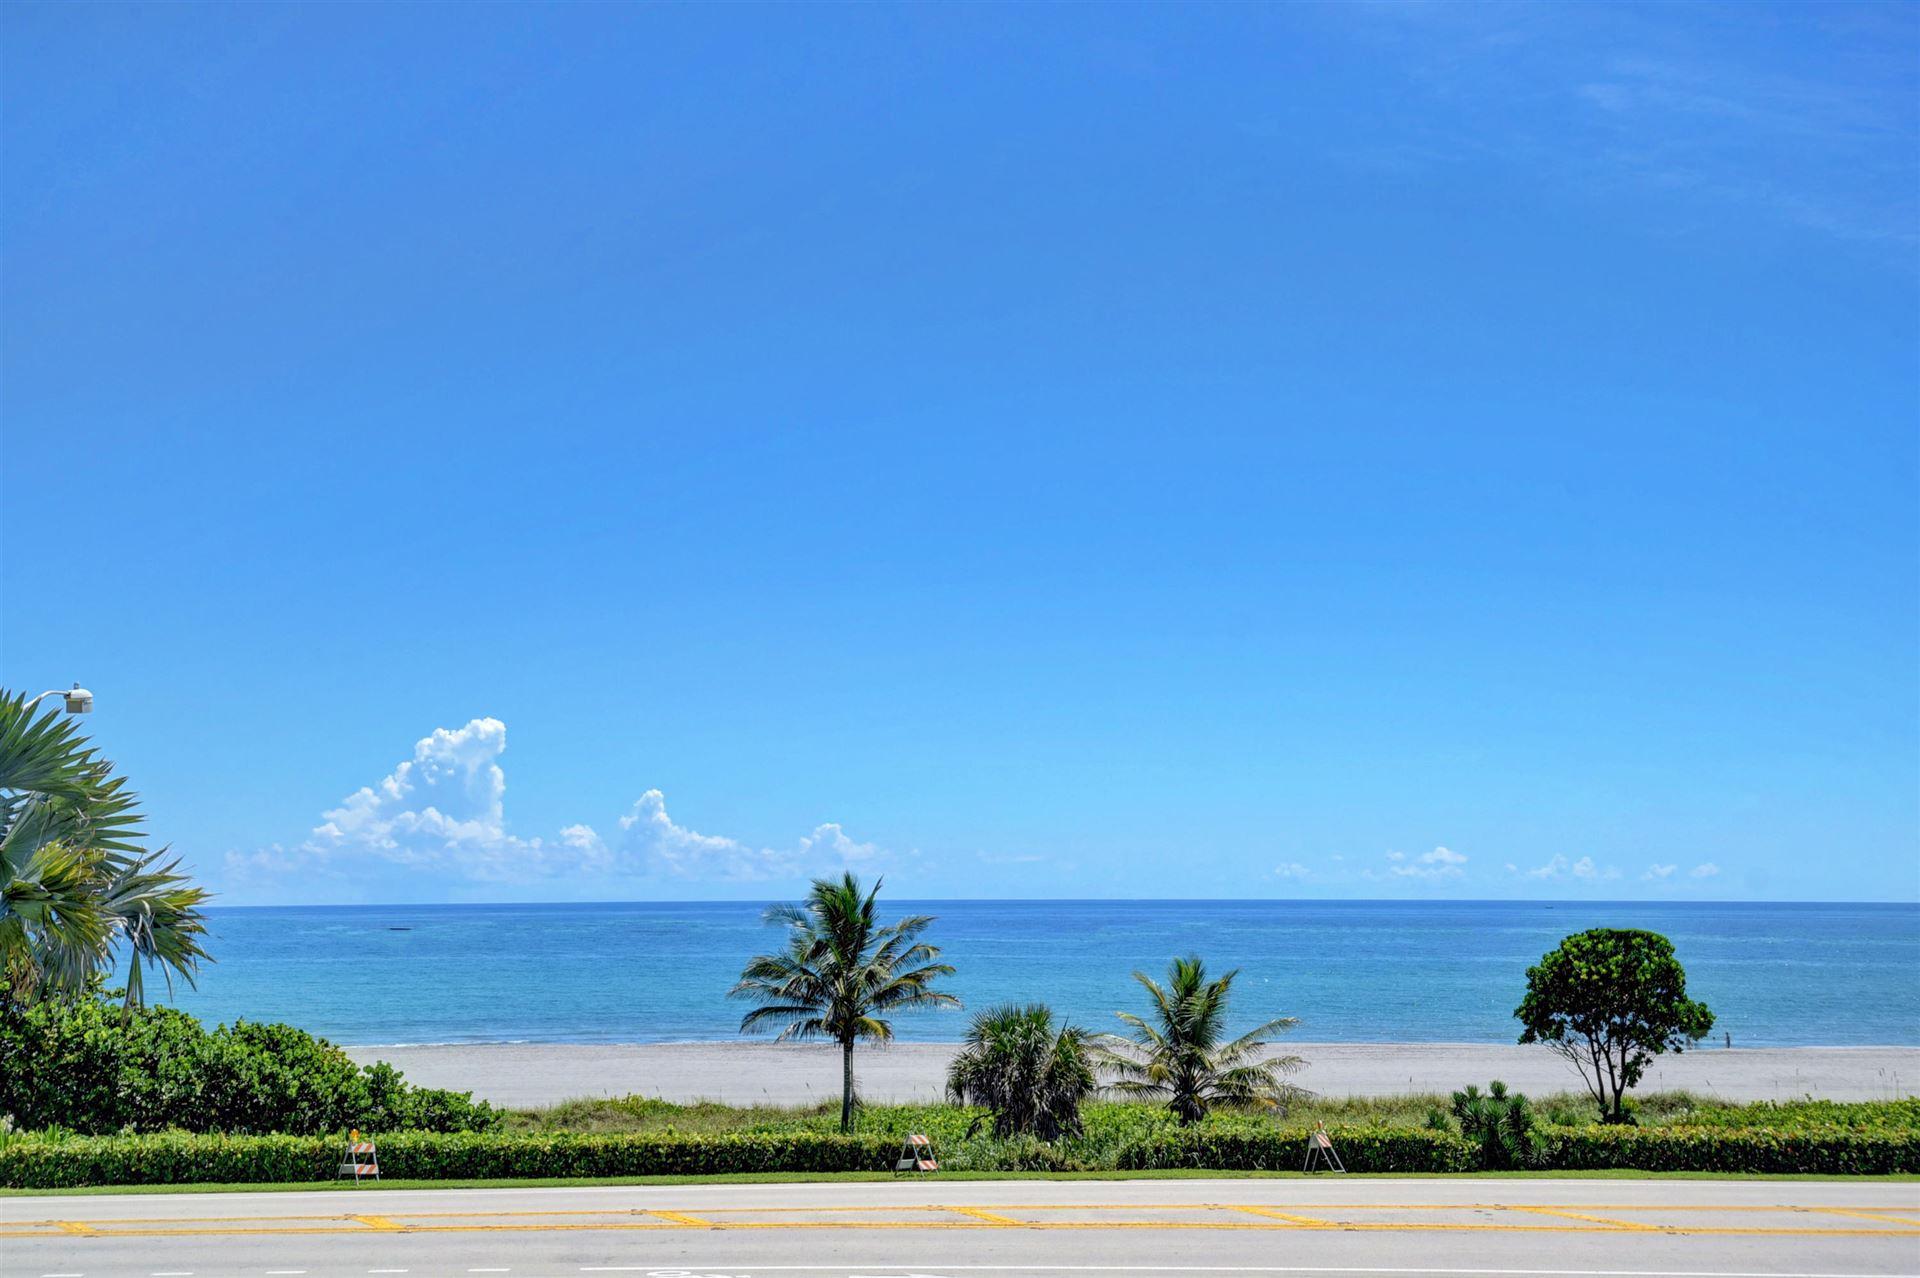 2727 N Ocean Boulevard #A307, Boca Raton, FL 33431 - #: RX-10652354